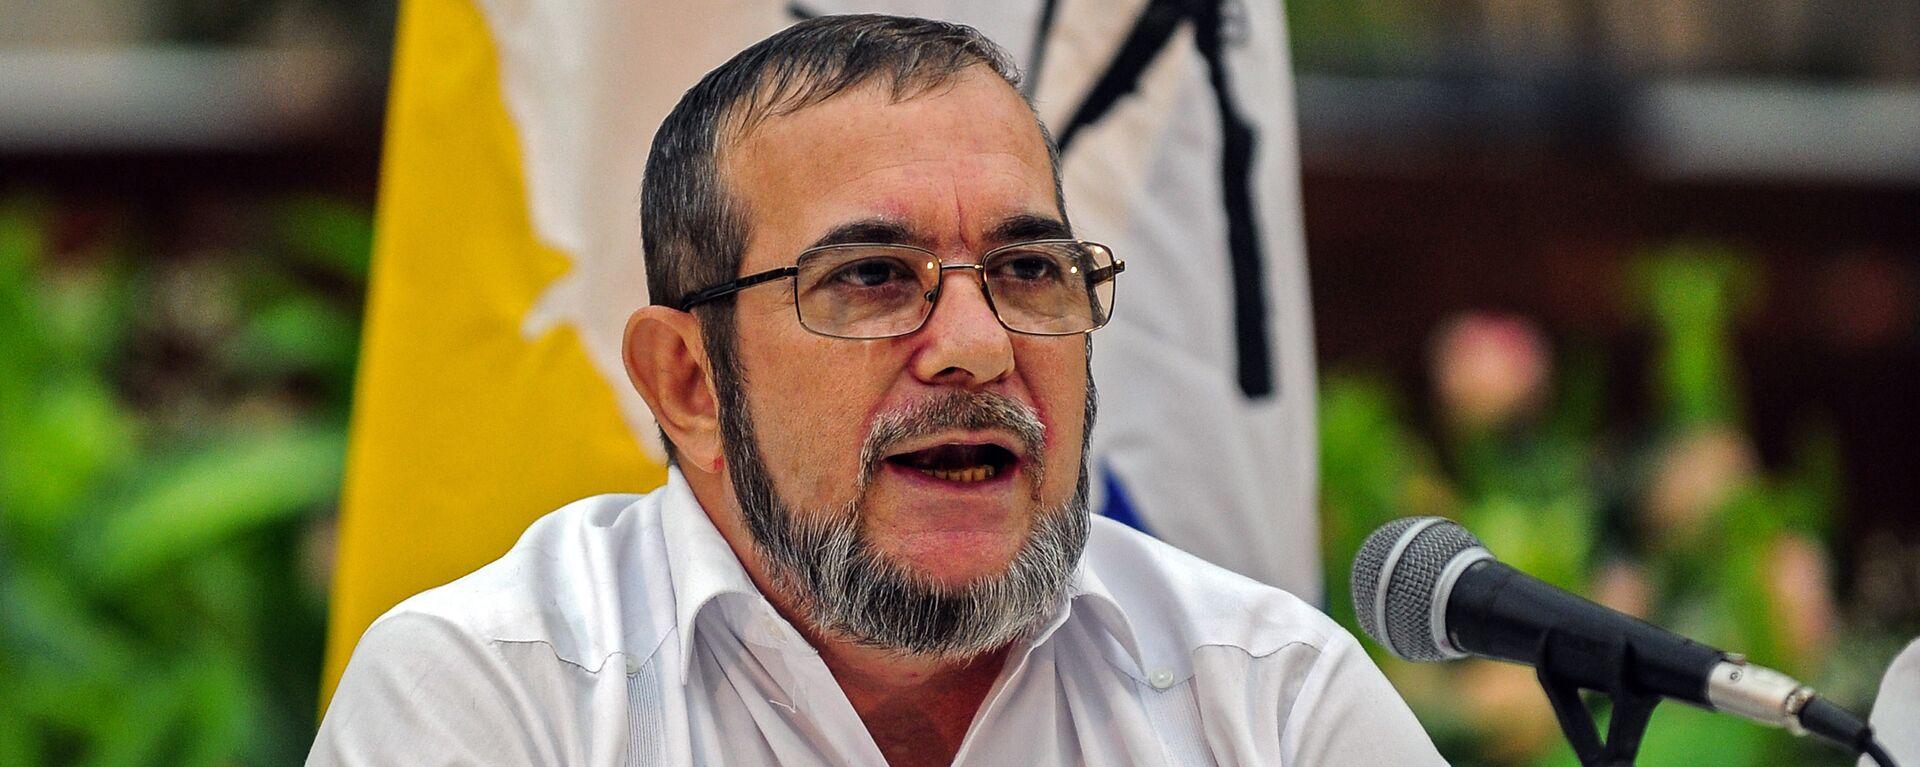 Rodrigo Londoño Echeverri, alias 'Timochenko', máximo líder de las FARC - Sputnik Mundo, 1920, 28.01.2021